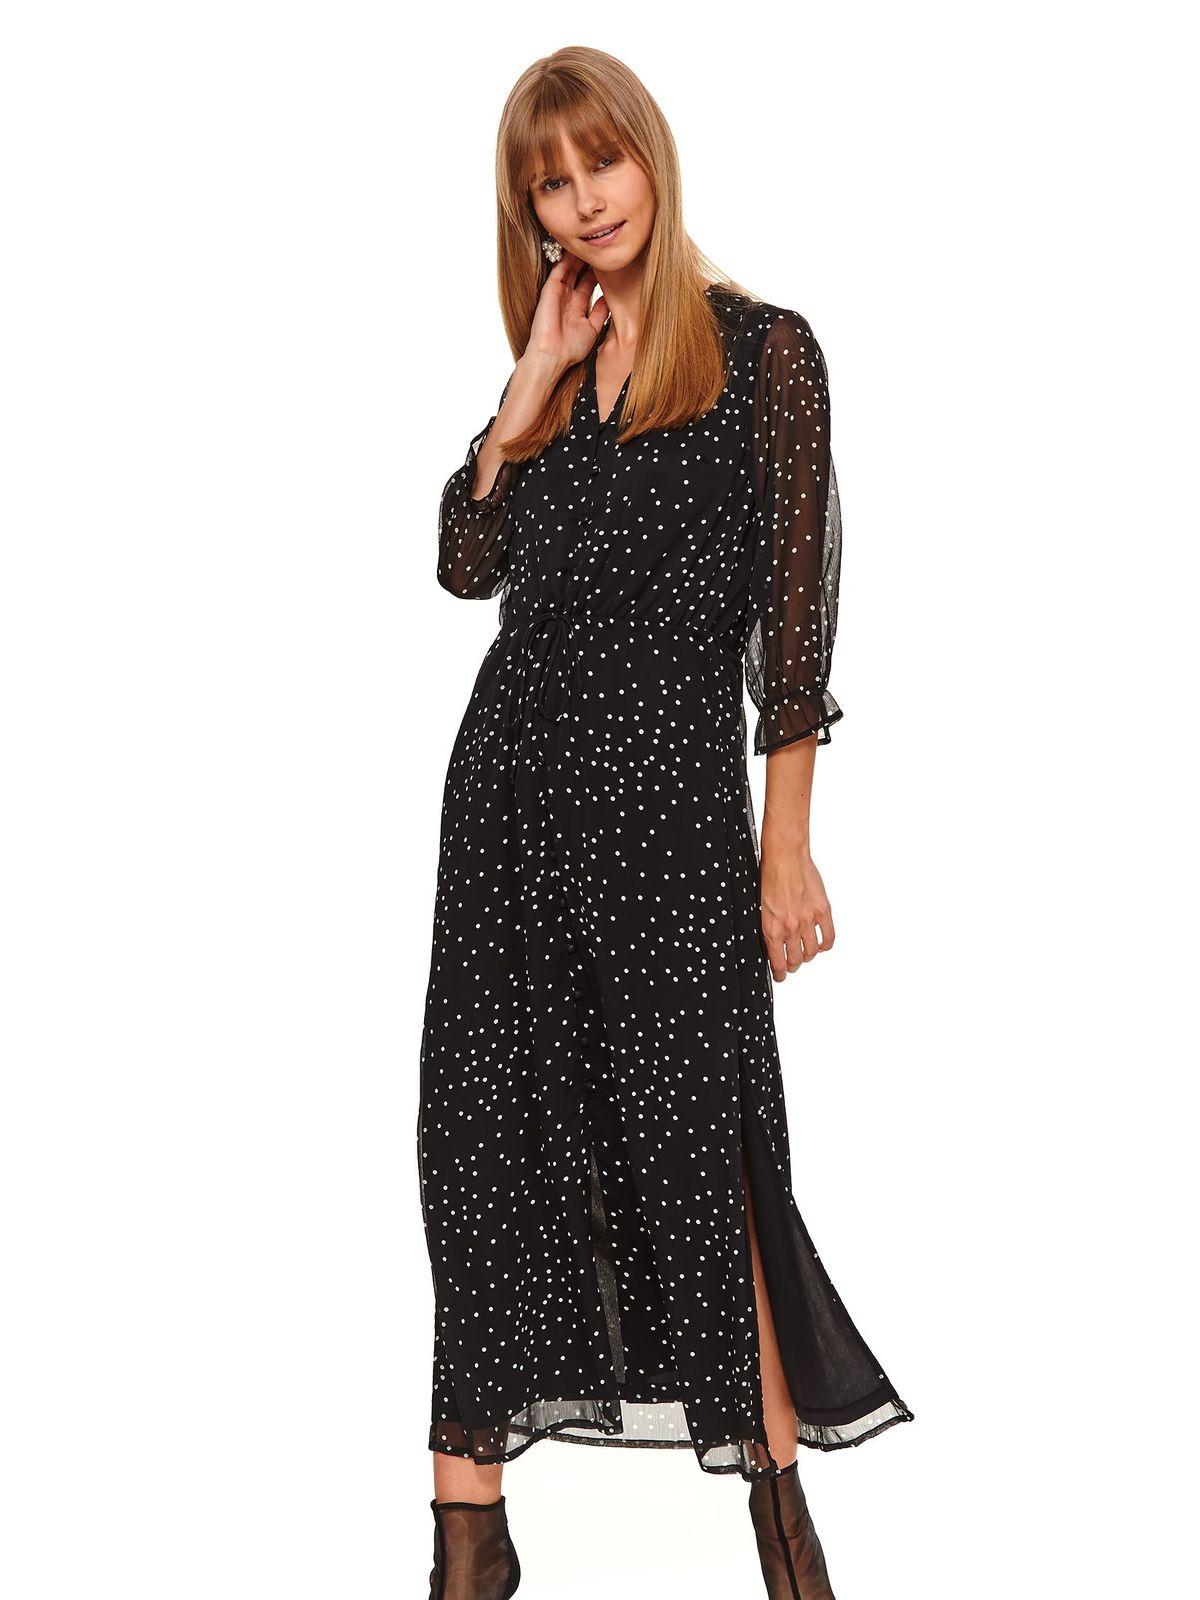 Fekete hétköznapi hosszú harang ruha 3/4-es ujjakkal v-dekoltázzsal enyhén áttetsző anyag